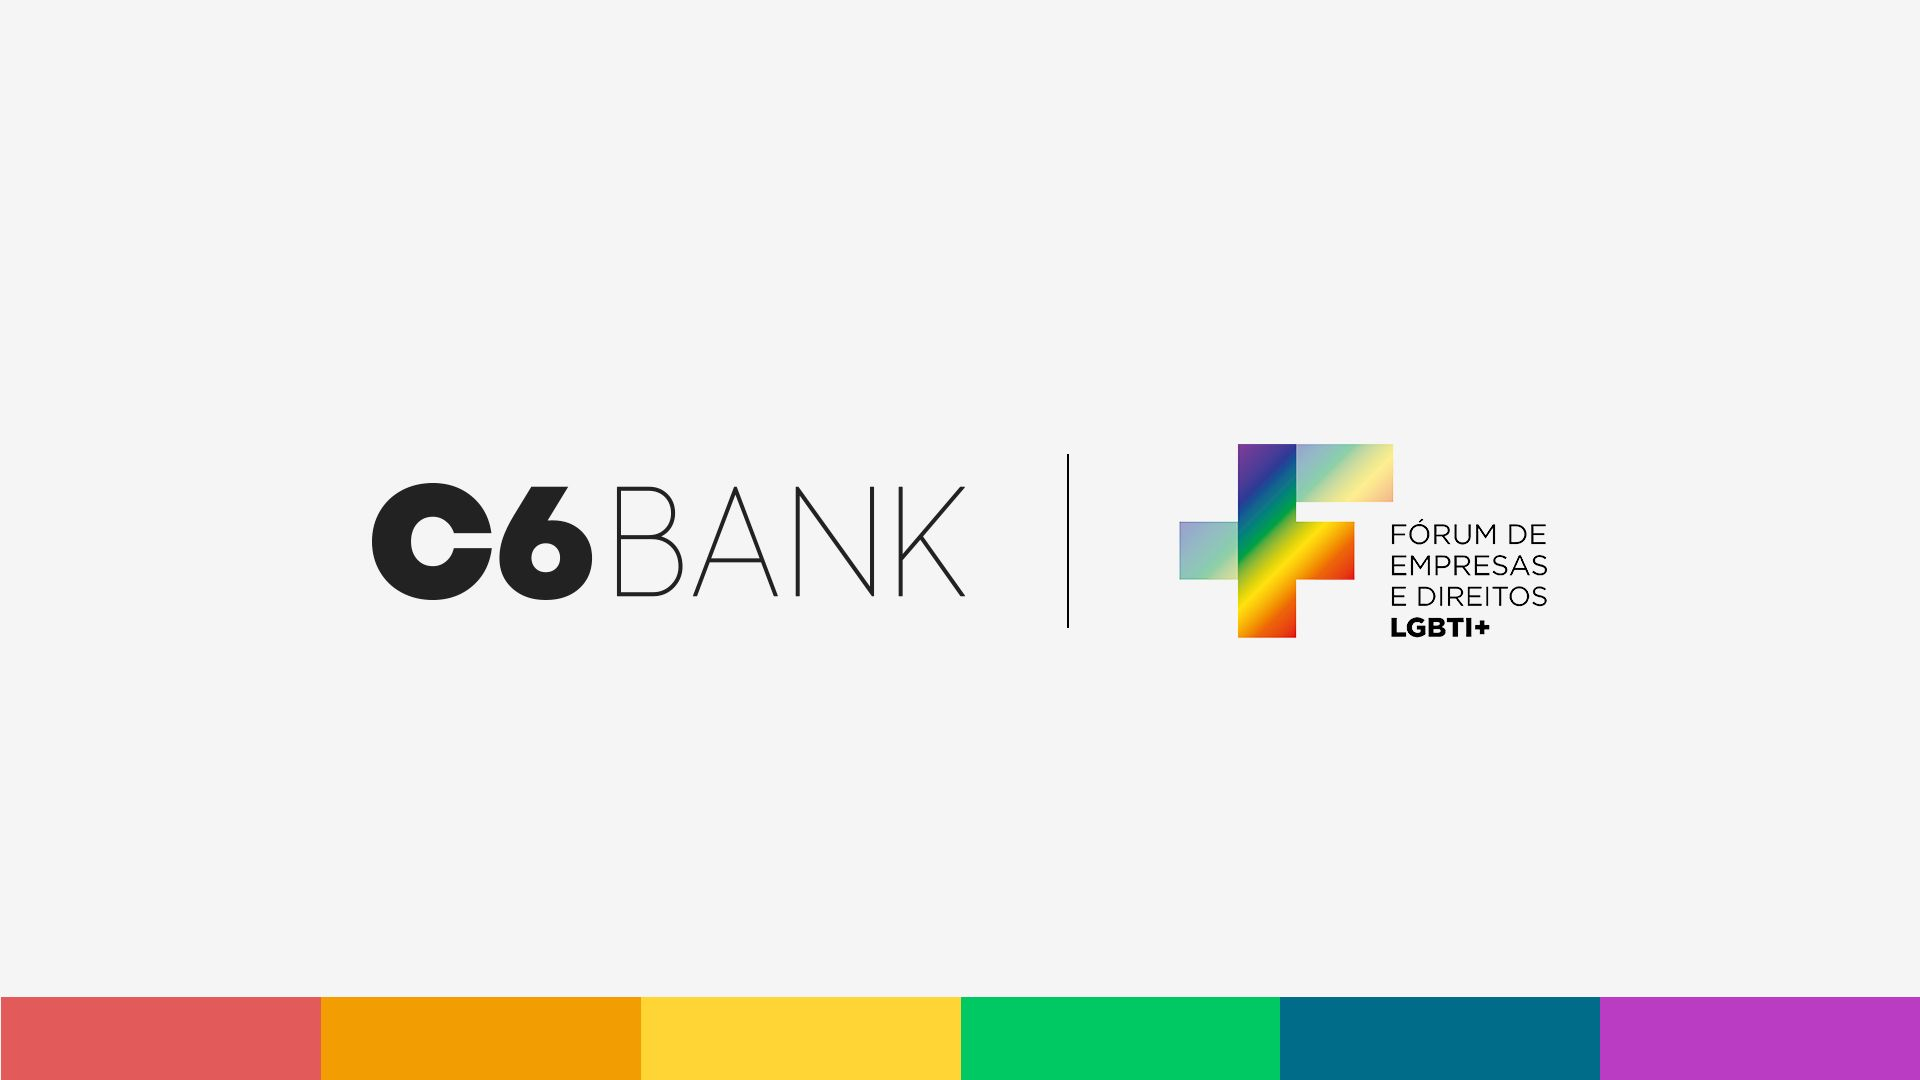 C6 Bank cartão Rainbow